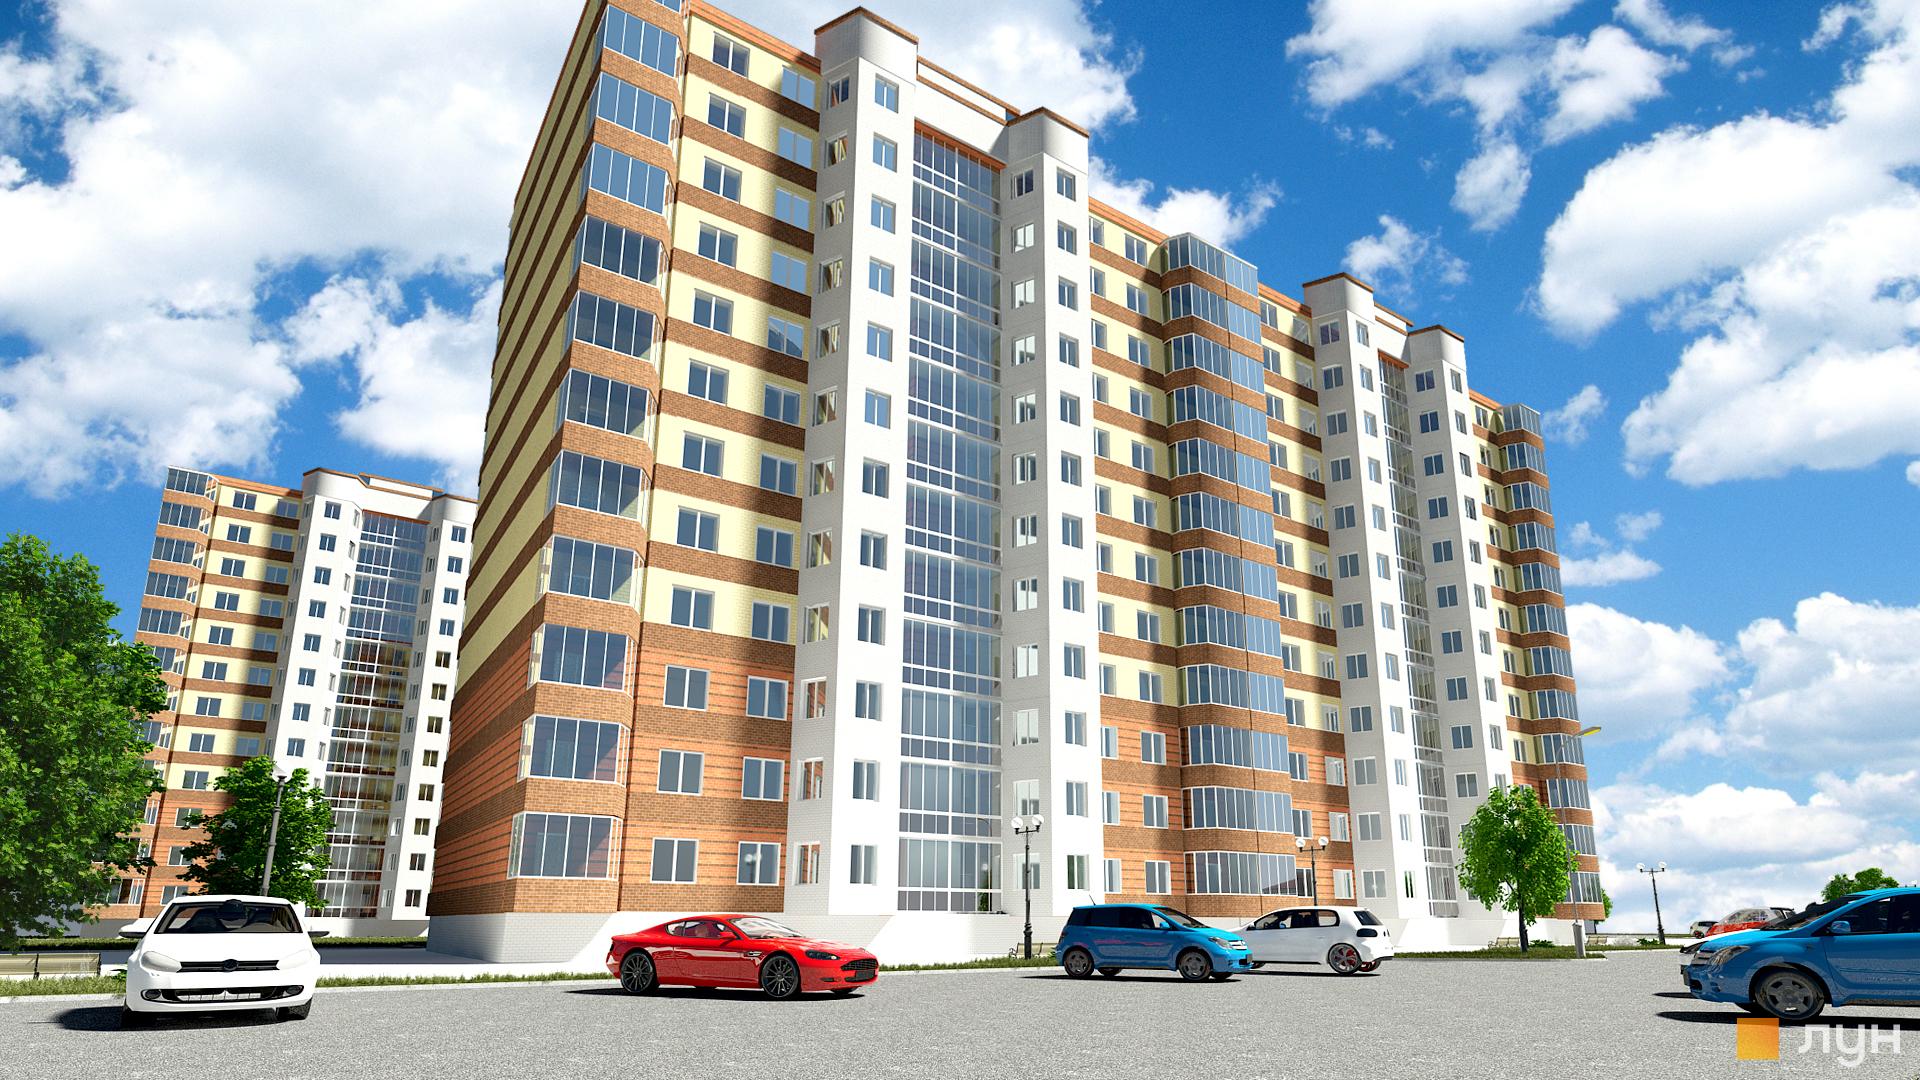 Квартира в Балашихе: уже не Москва, но ещё не провинция.